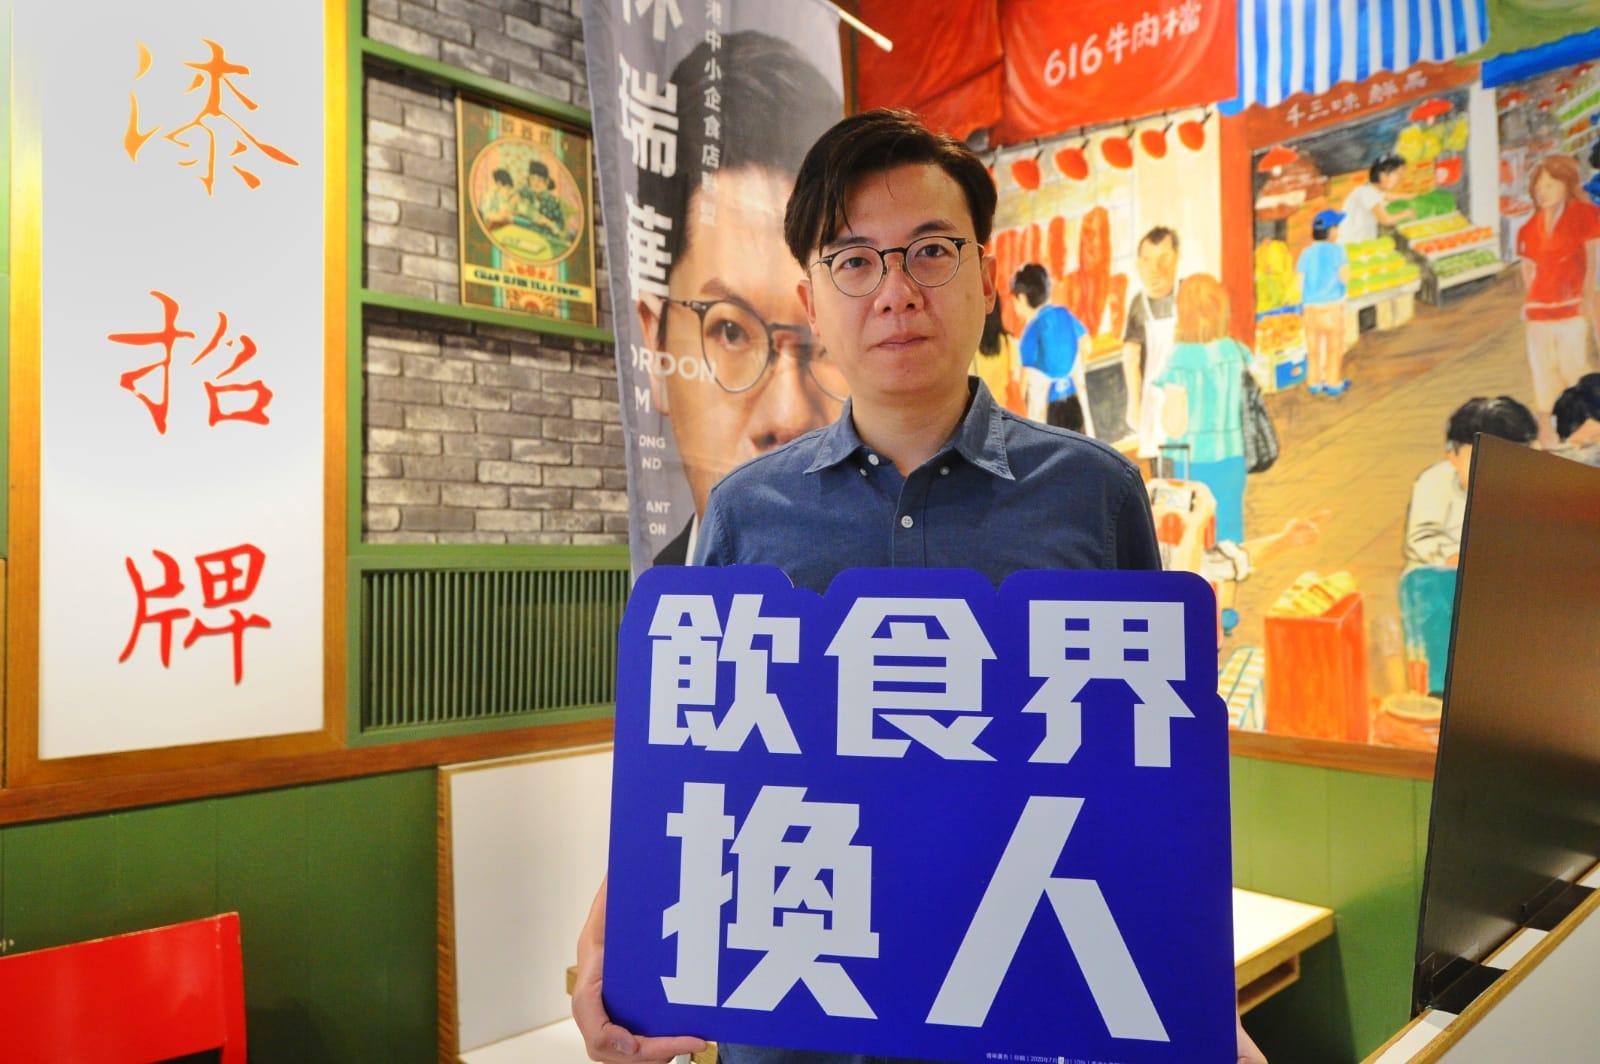 7月16日,香港中小企食店聯盟召集人,公民黨林瑞華正式宣佈參選立法會飲食界功能組別。(宋碧龍/大紀元)